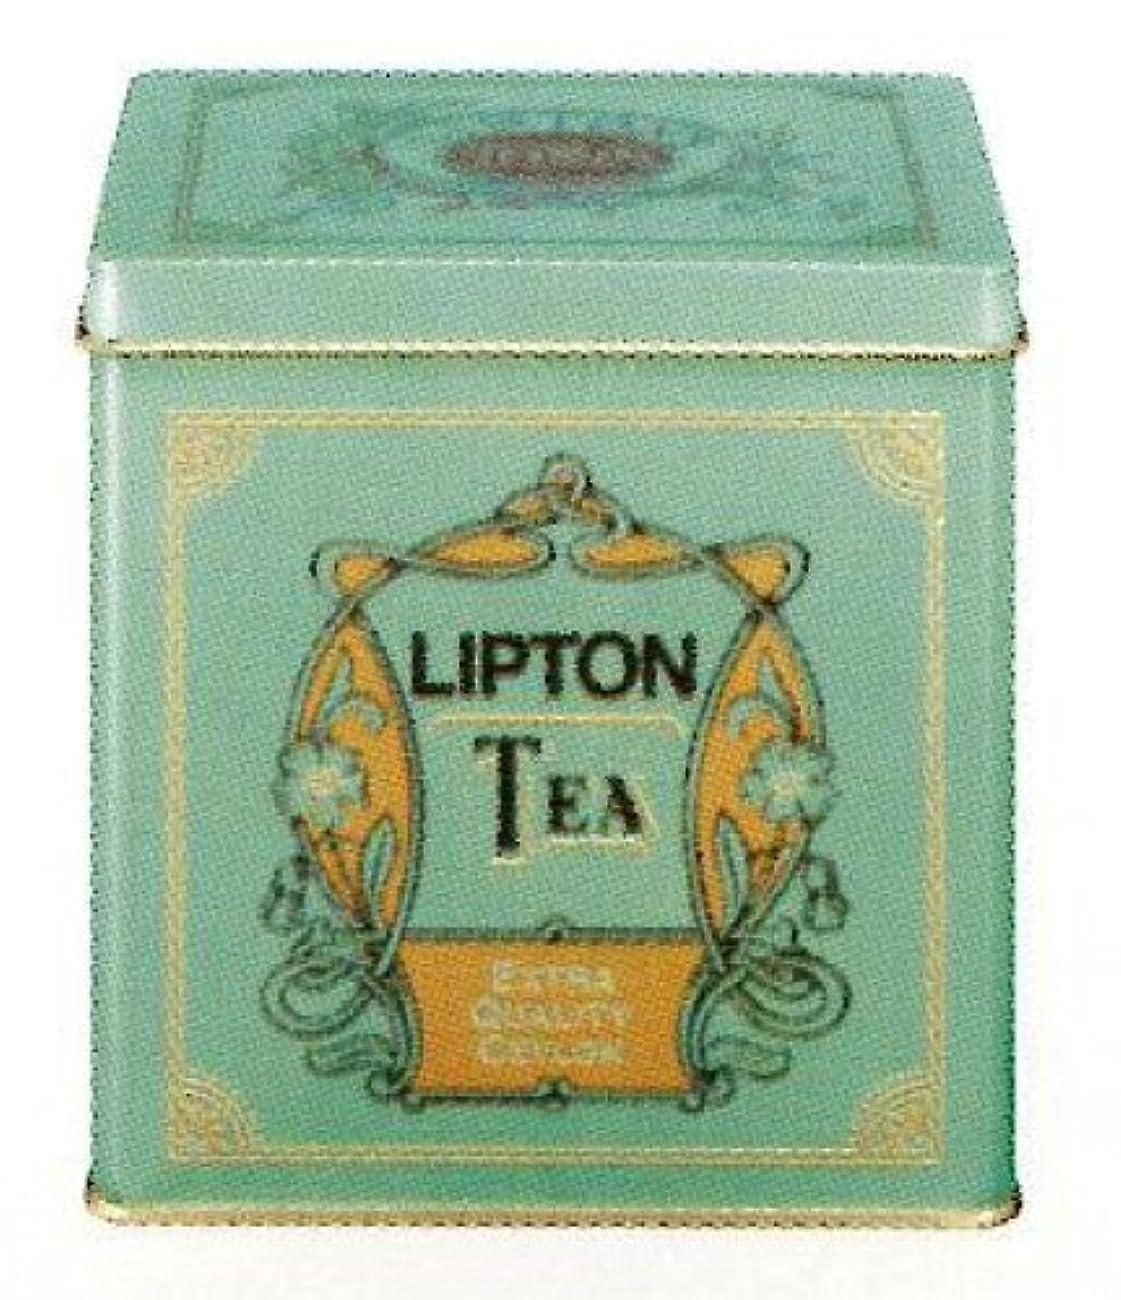 アッパー継承最近リプトン リーフティー エクストラクオリティセイロン 青缶 450g